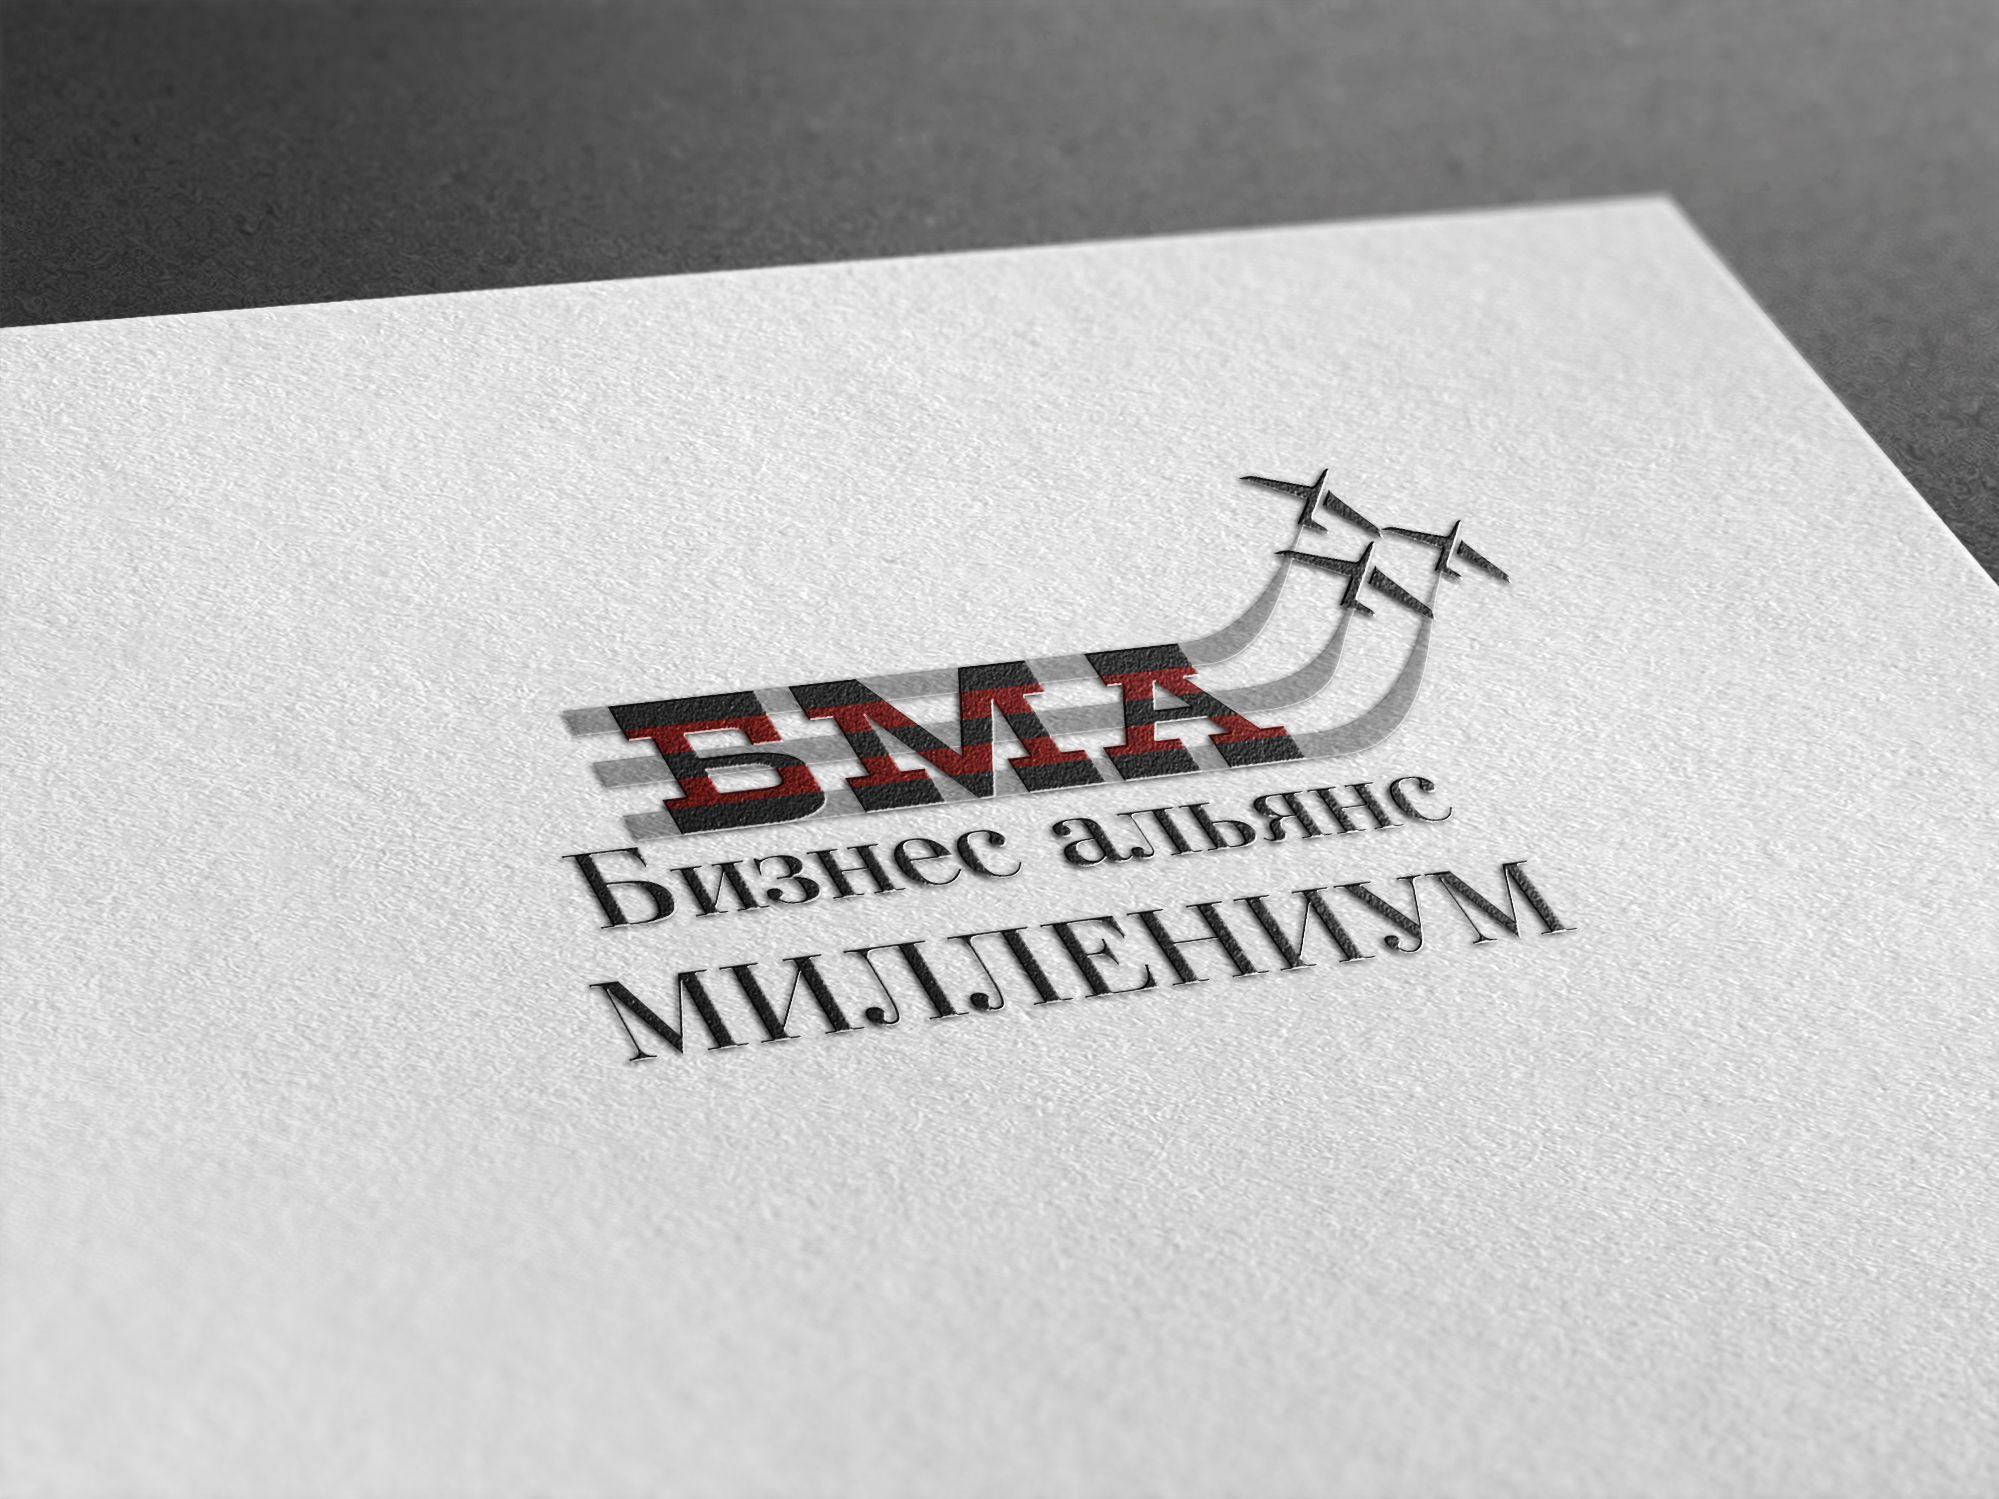 Бизнес Альянс Милленниум - дизайнер U4po4mak